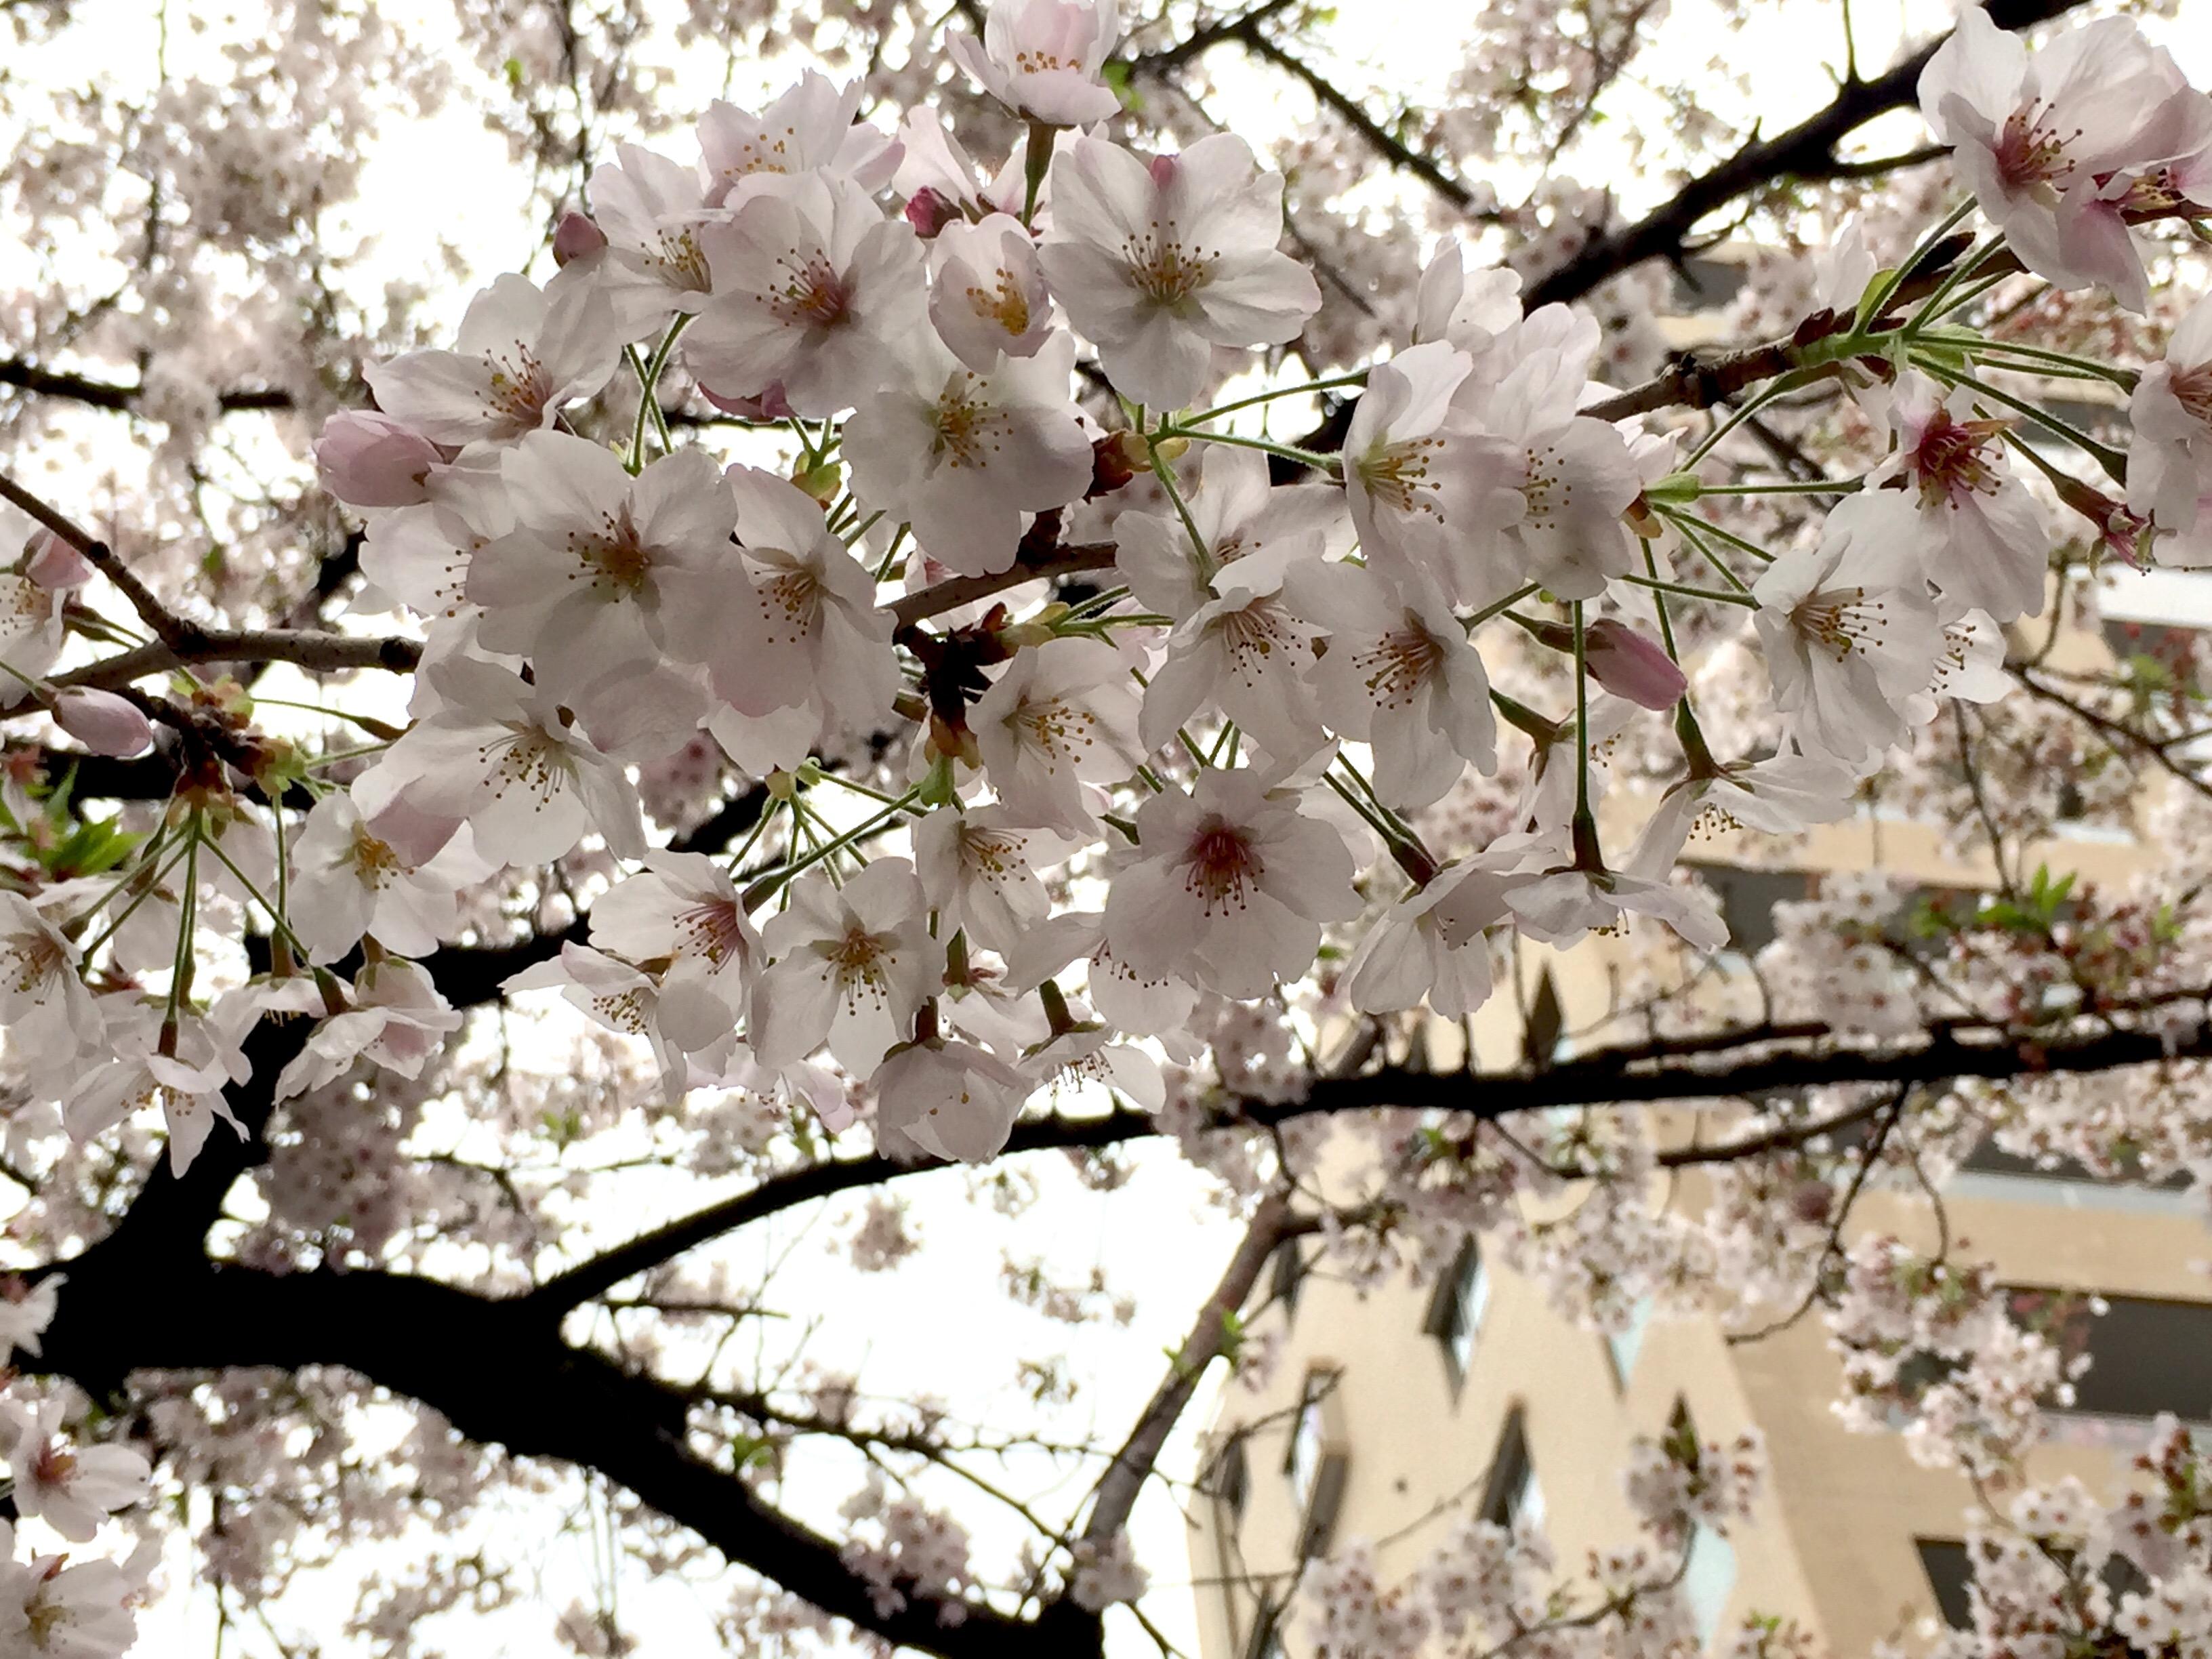 image1 - コピー (5)